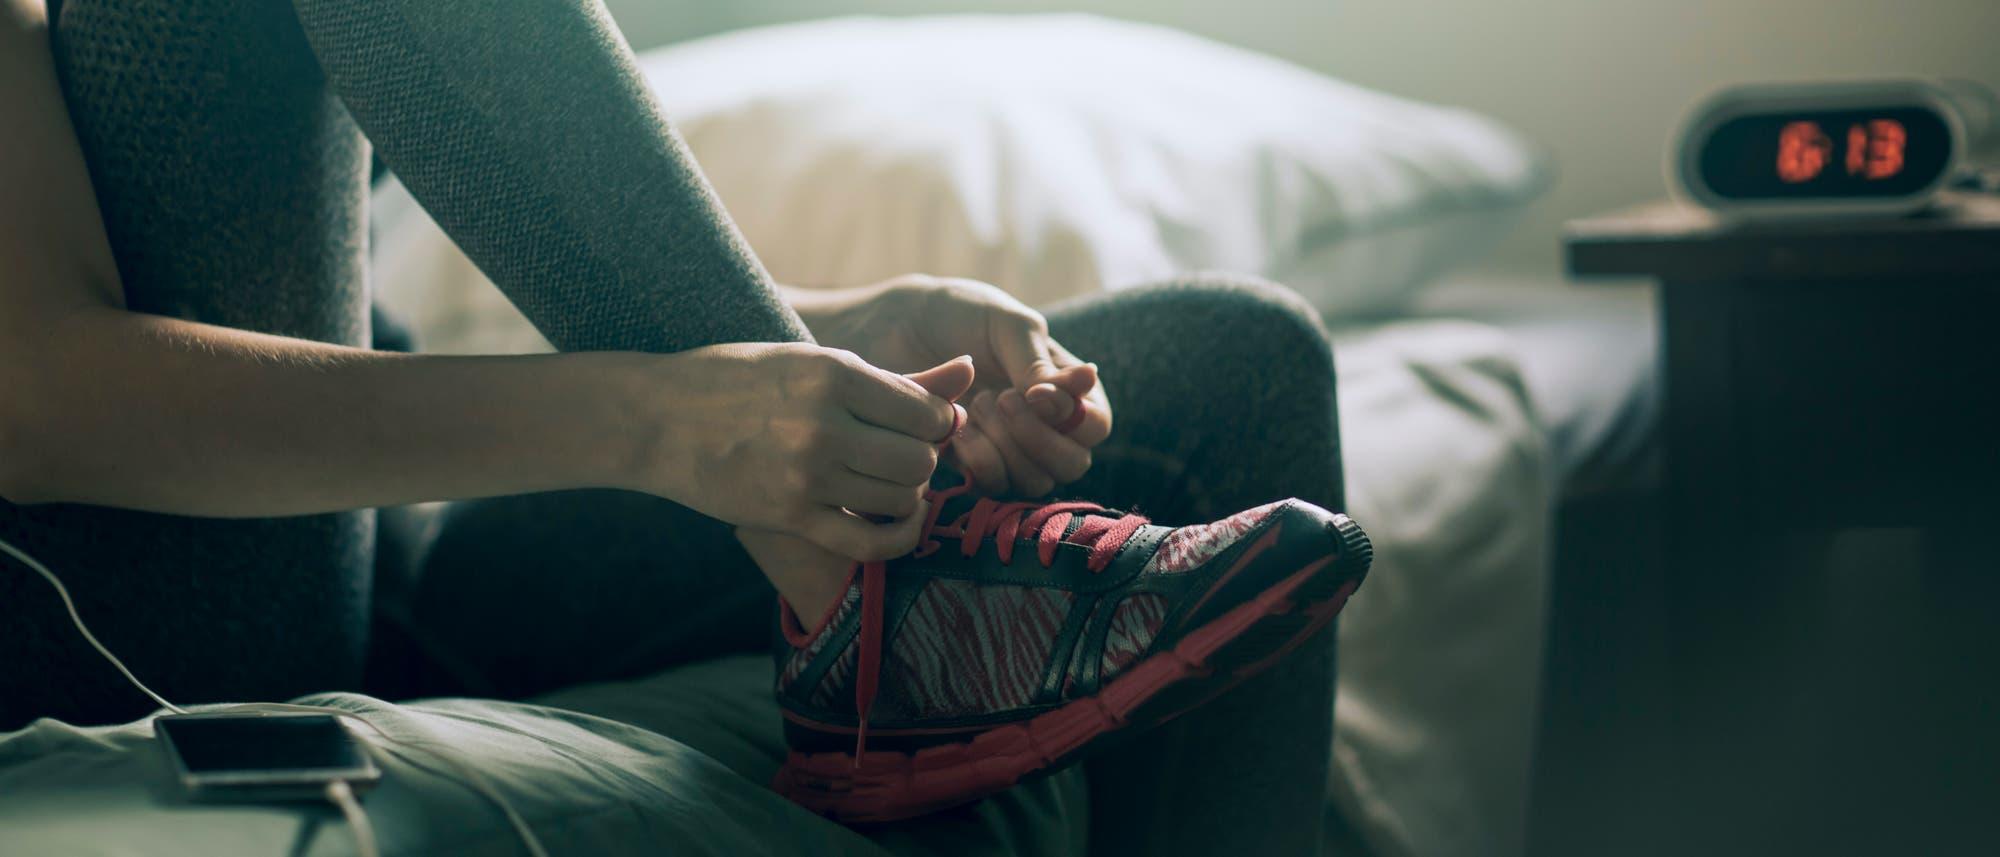 Frau zieht sich morgens am Bett ihre Sportschuhe an